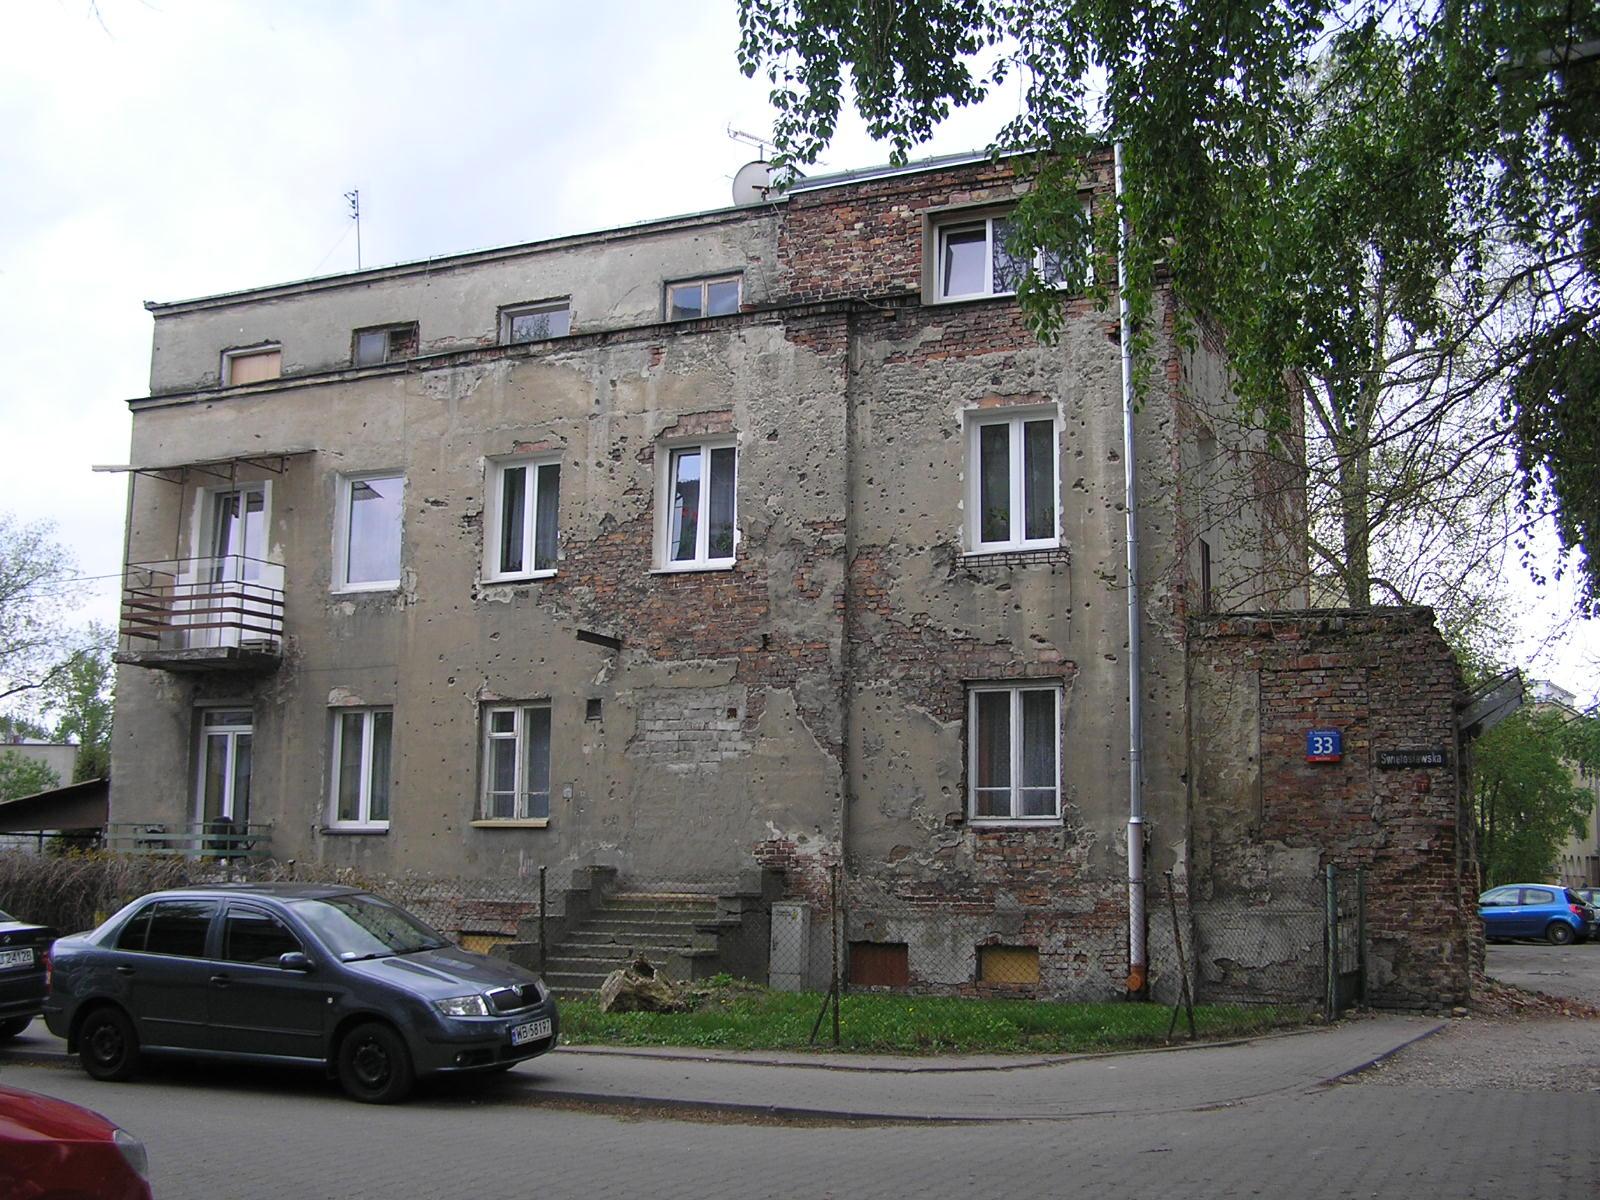 Świętosławska 33